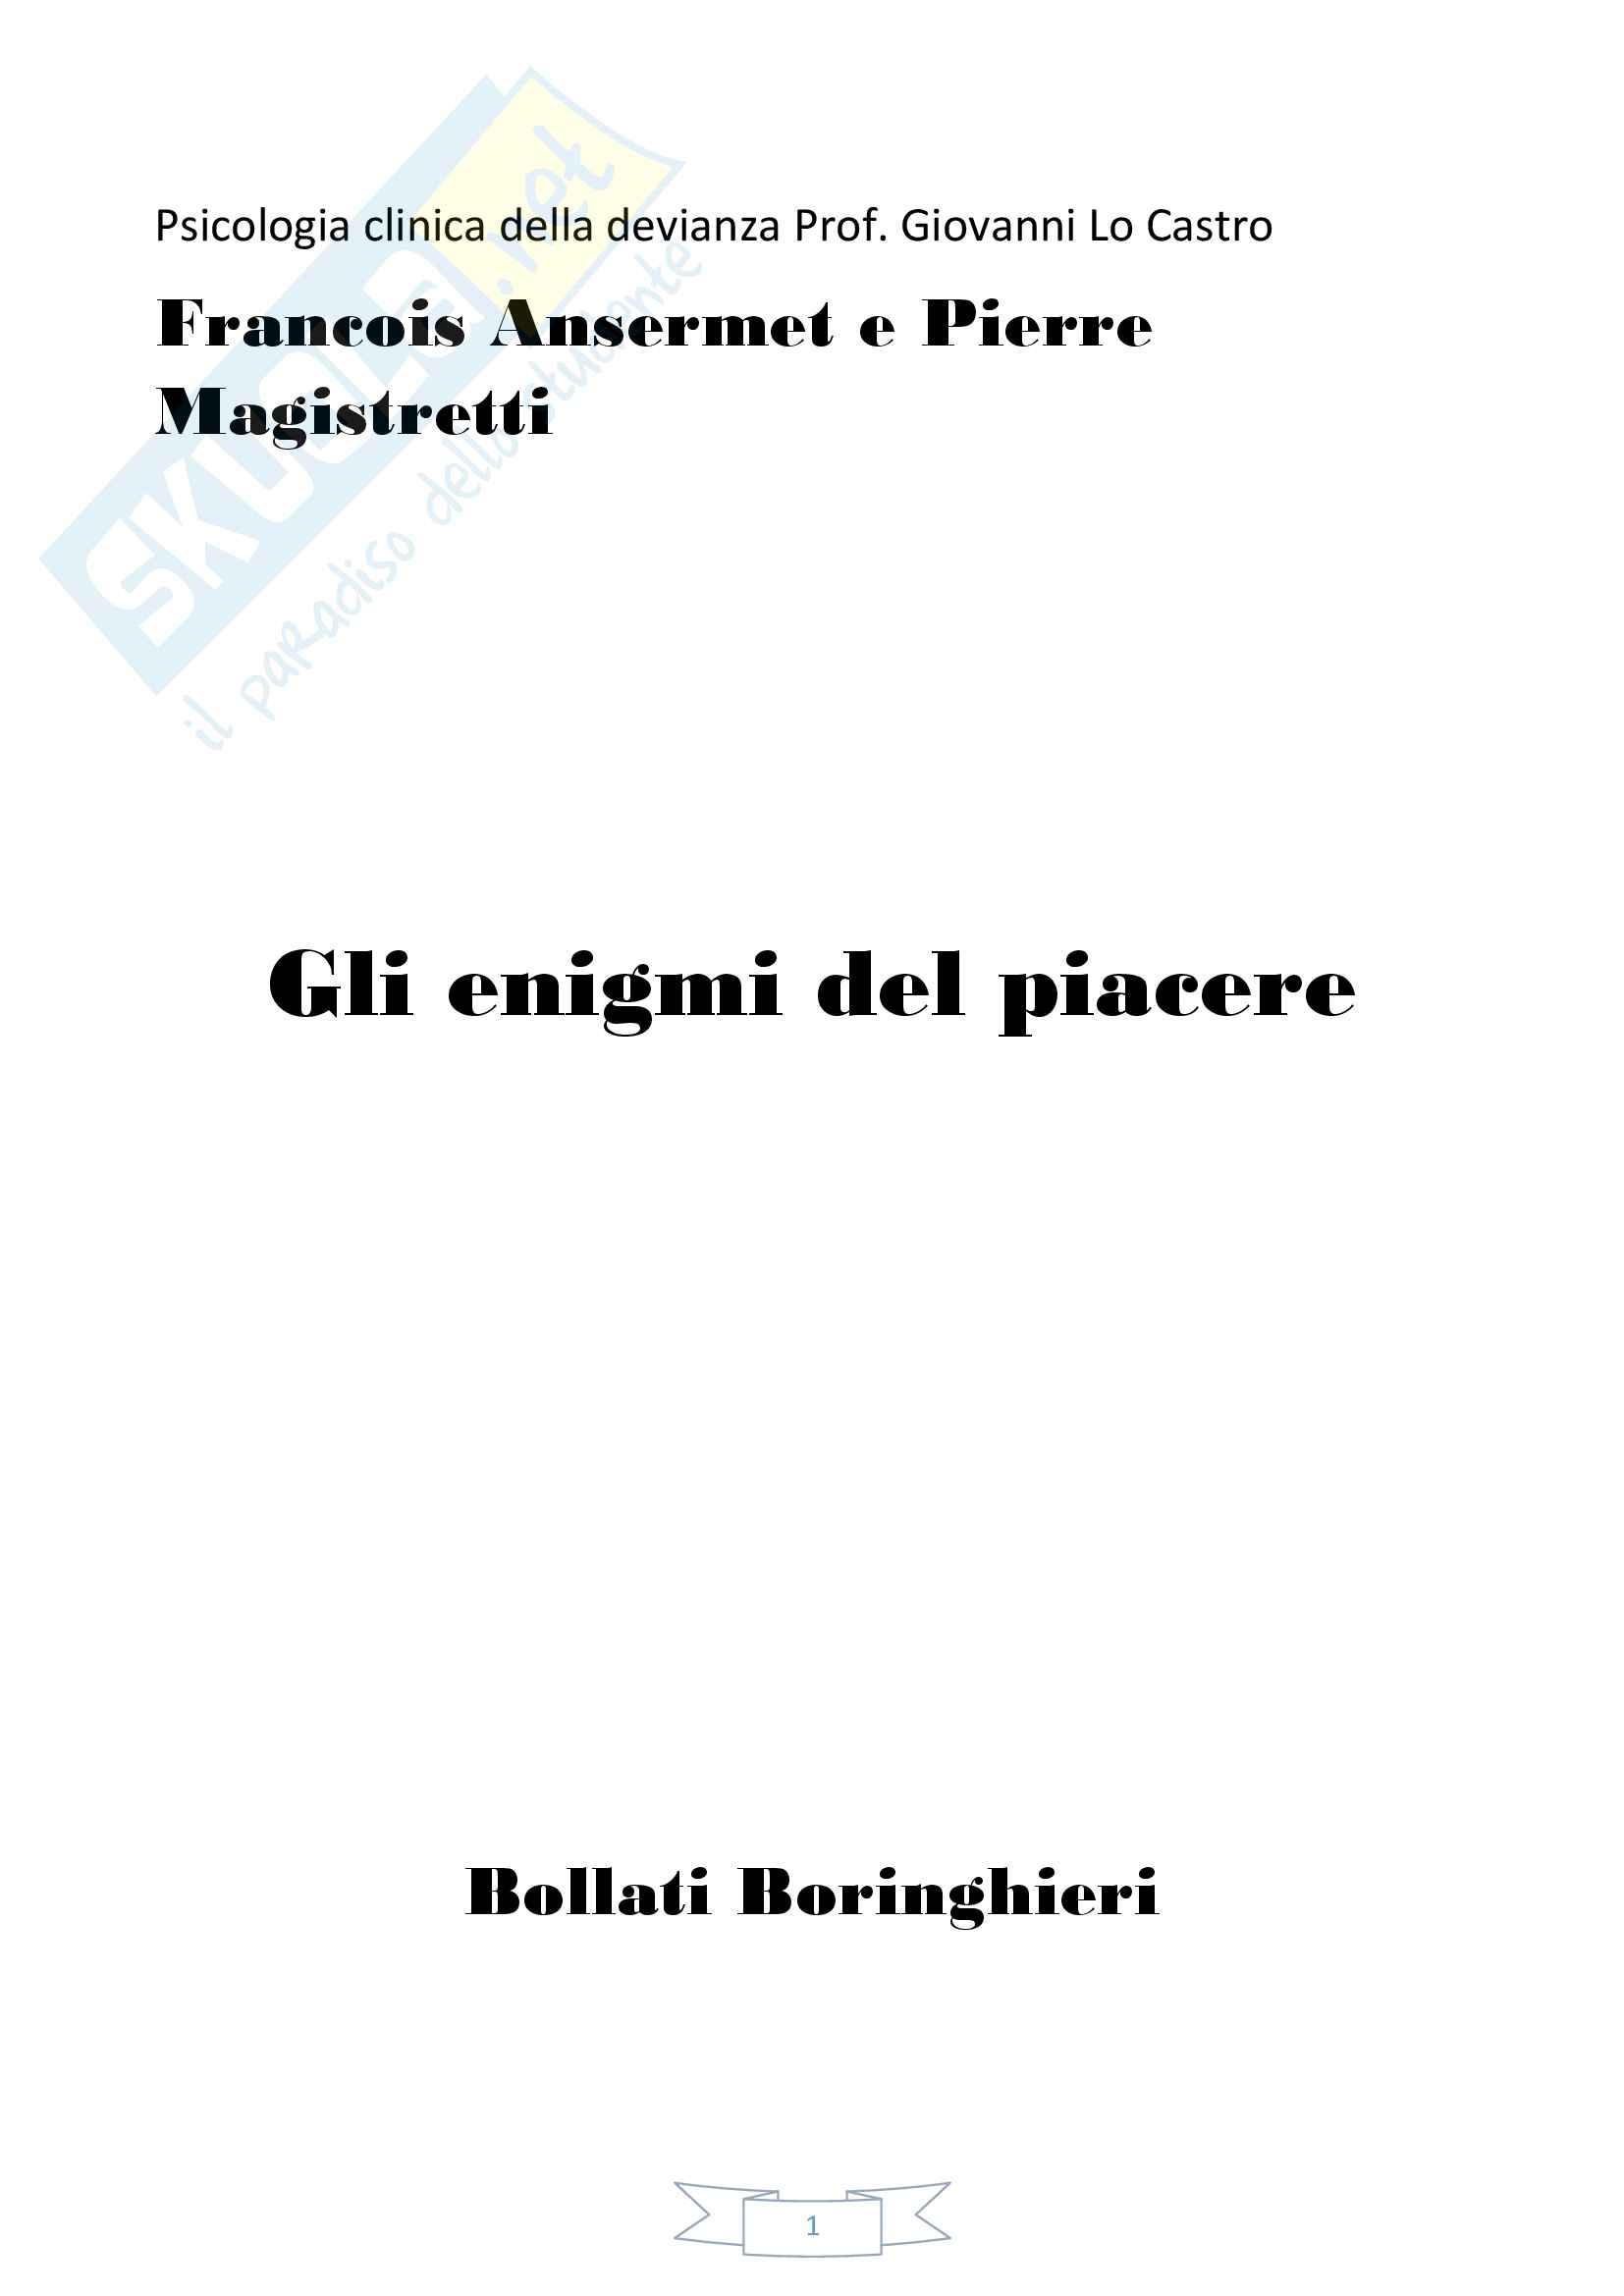 Riassunto esame Psicologia della devianza , Prof. Lo Castro, testo consigliato Gli enigmi del piacere di Francois Ansermet e Pierre Magistretti